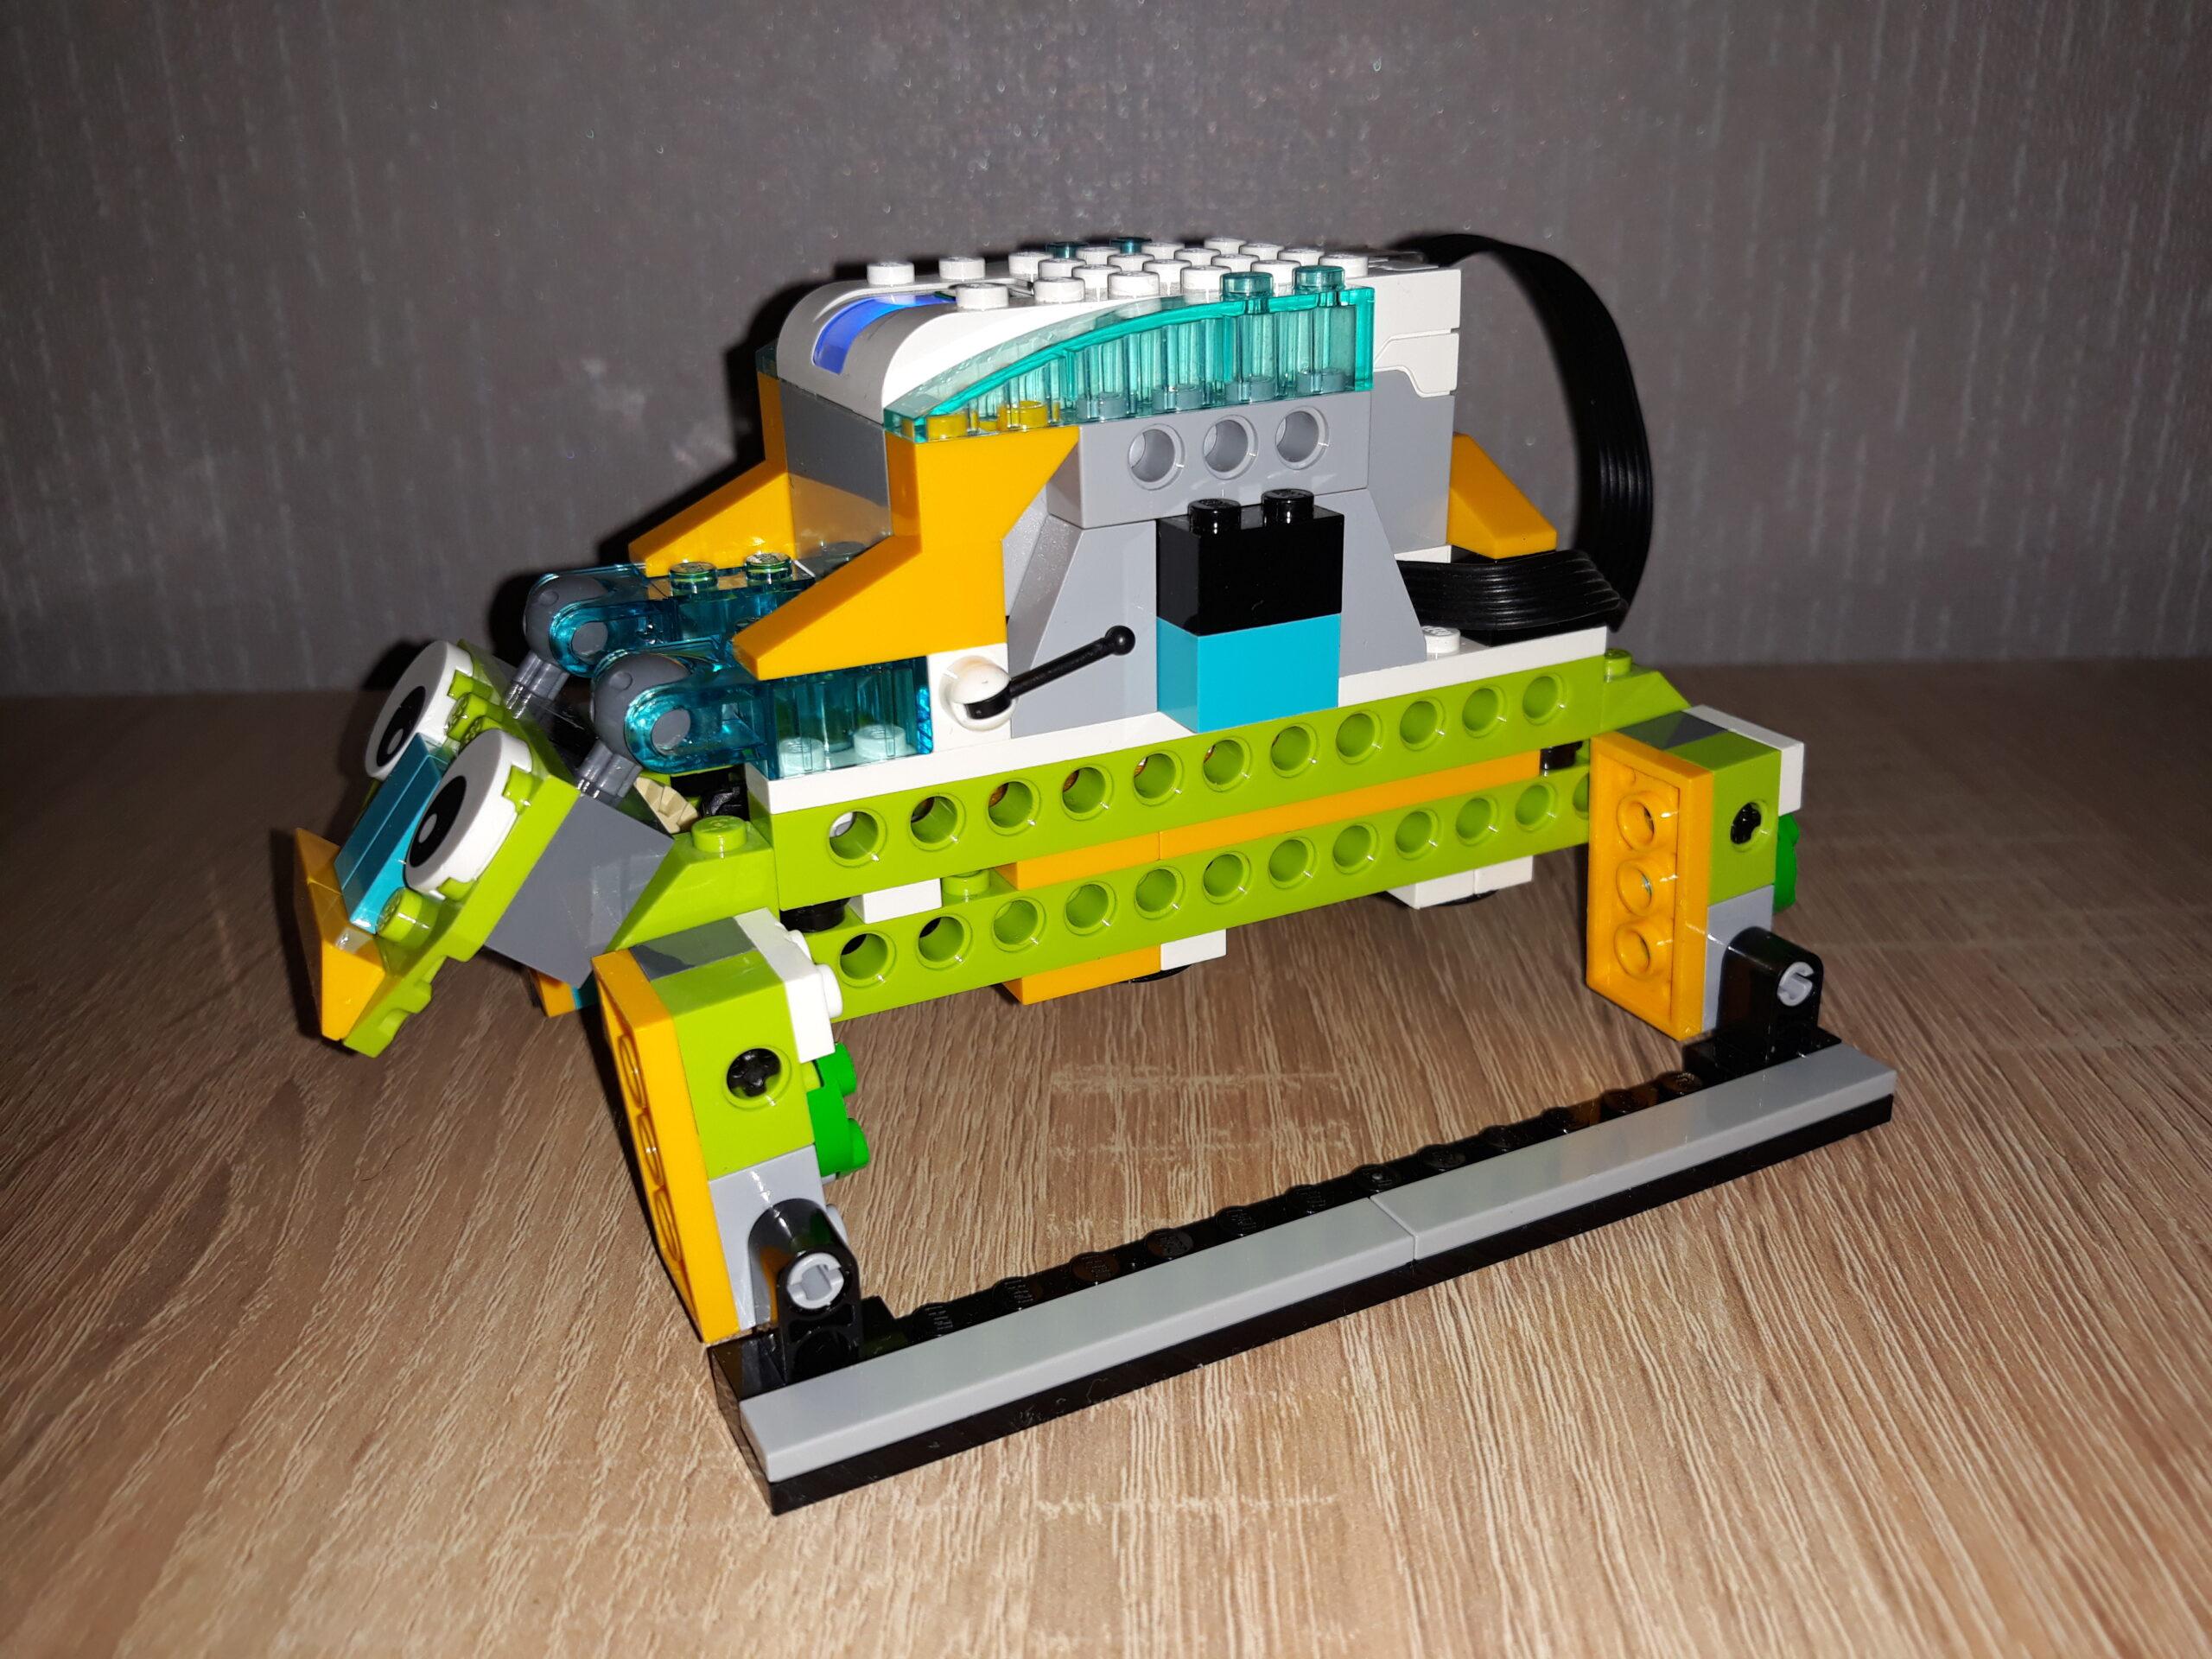 Инструкция по сборке из набора LEGO Education WeDo 2.0 Жук 4